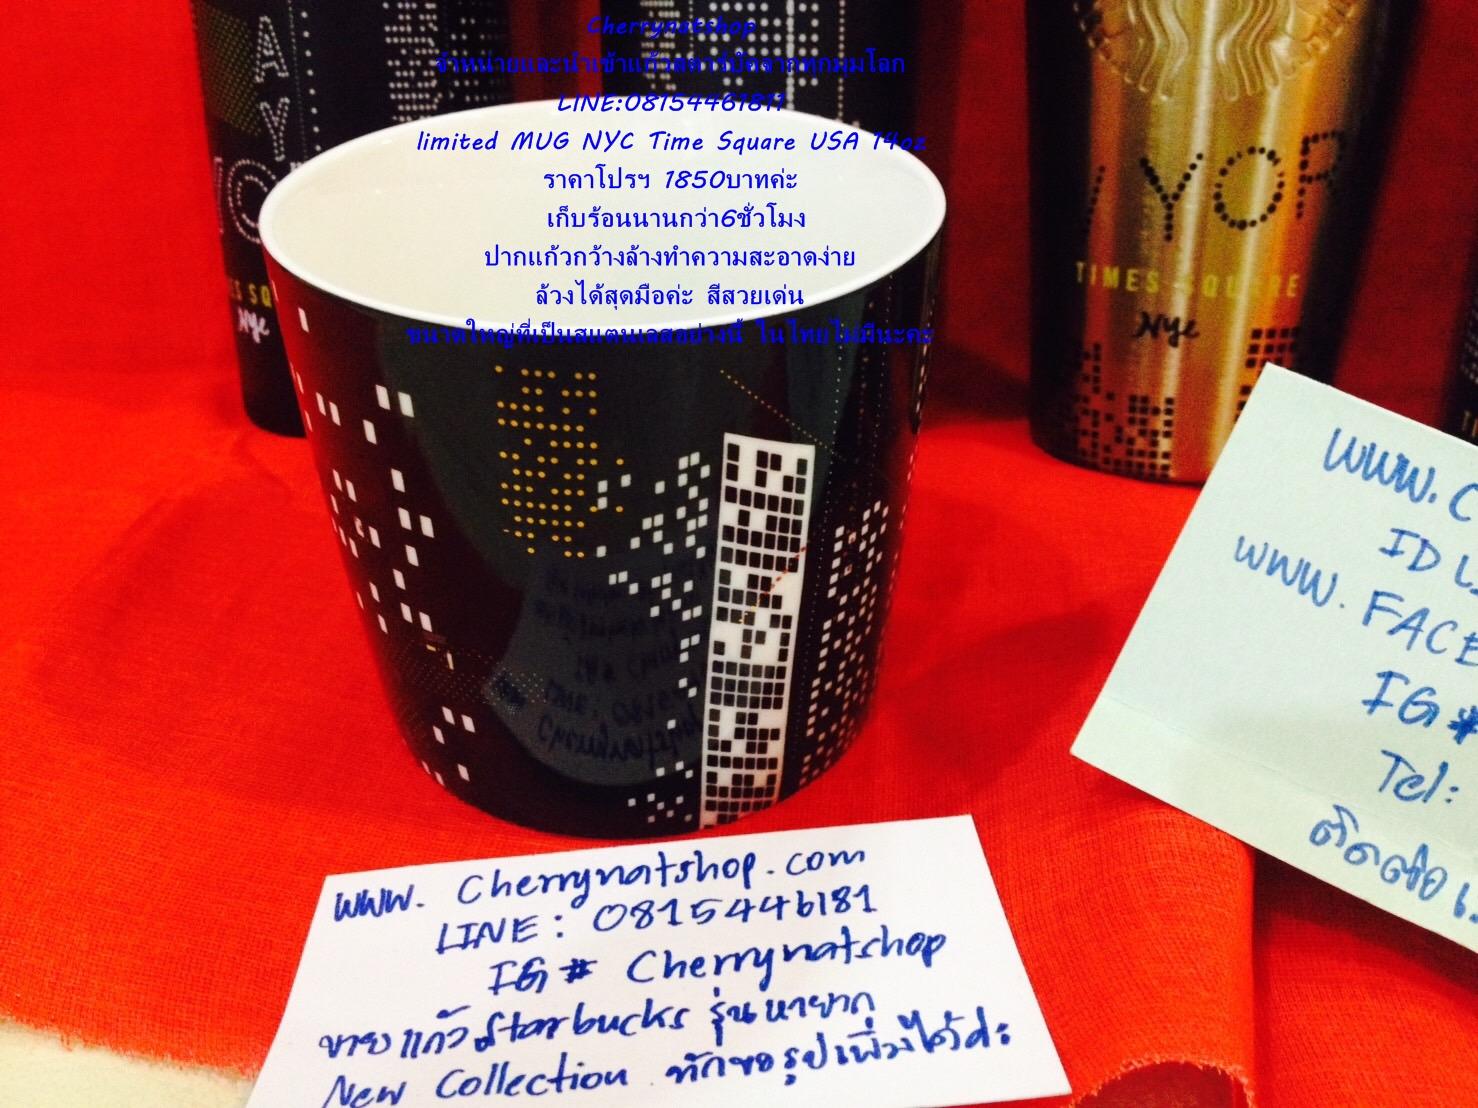 Starbucks Mug New York Limited Edition หายากมาก ไม่มีในไทย มีจำหน่าเฉพาะที่New York เท่านั้น ตอนนี้ราคาโปรฯด้วยค่ะ